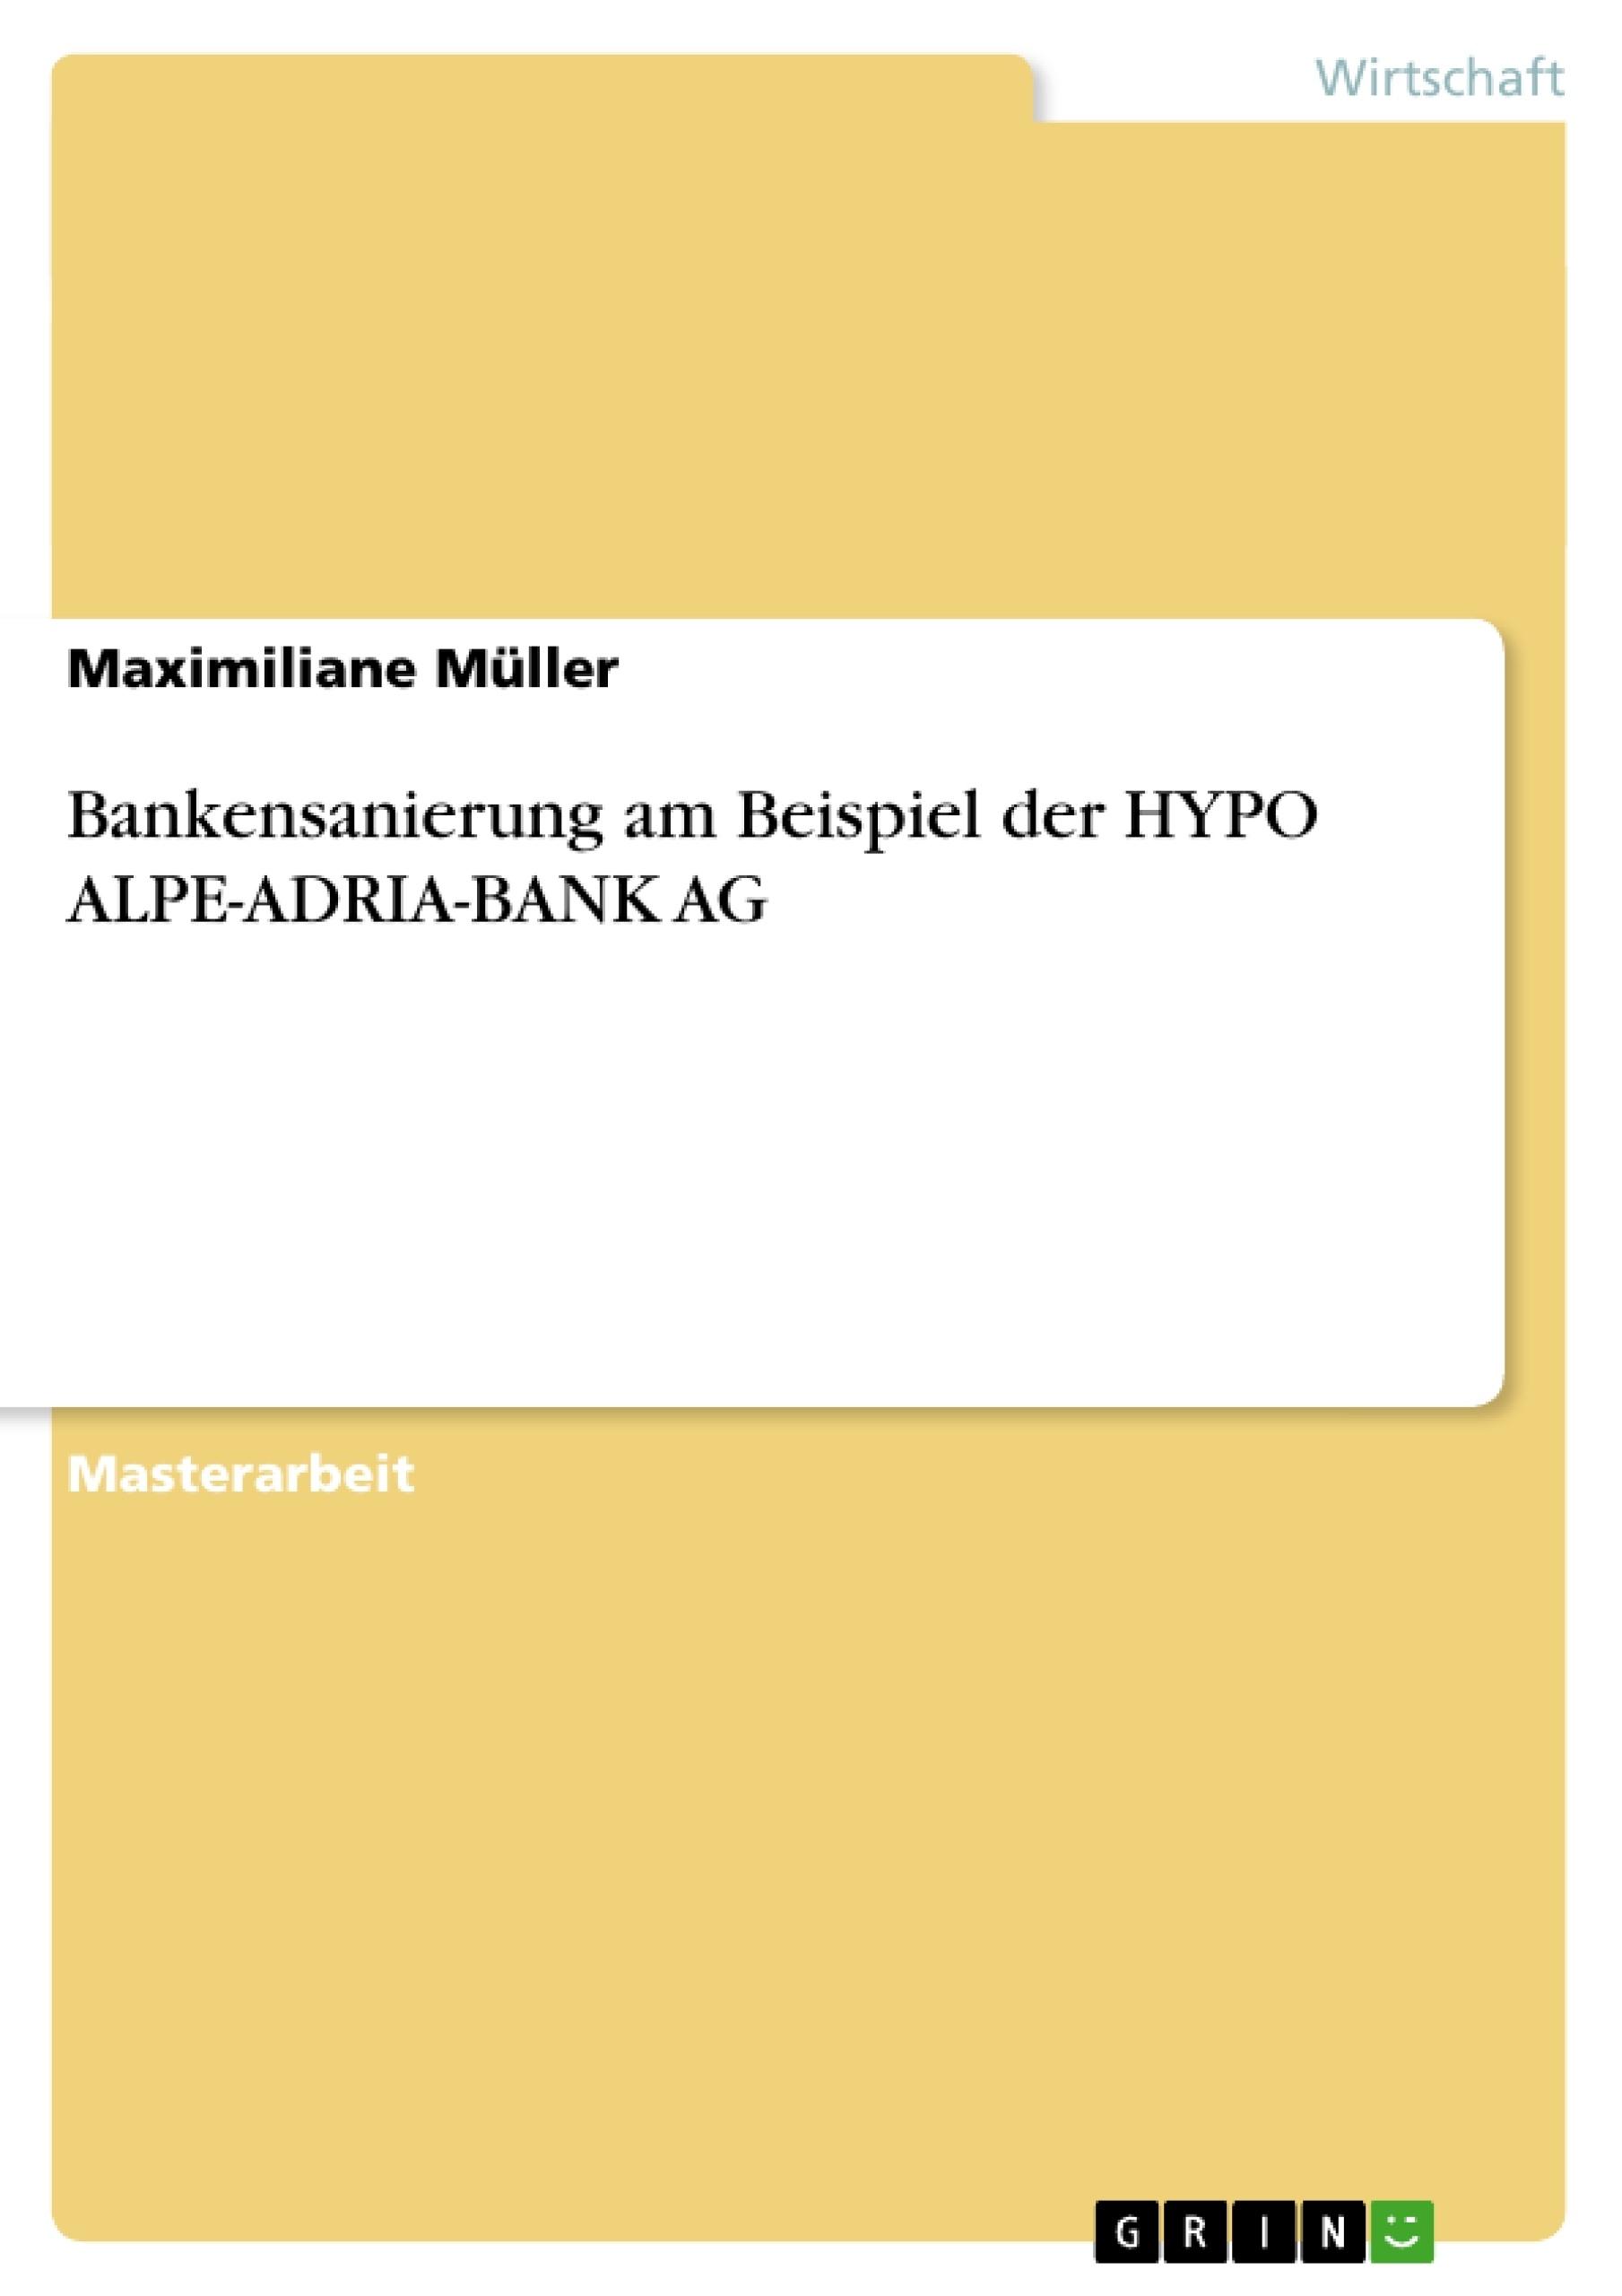 Titel: Bankensanierung am Beispiel der HYPO ALPE-ADRIA-BANK AG